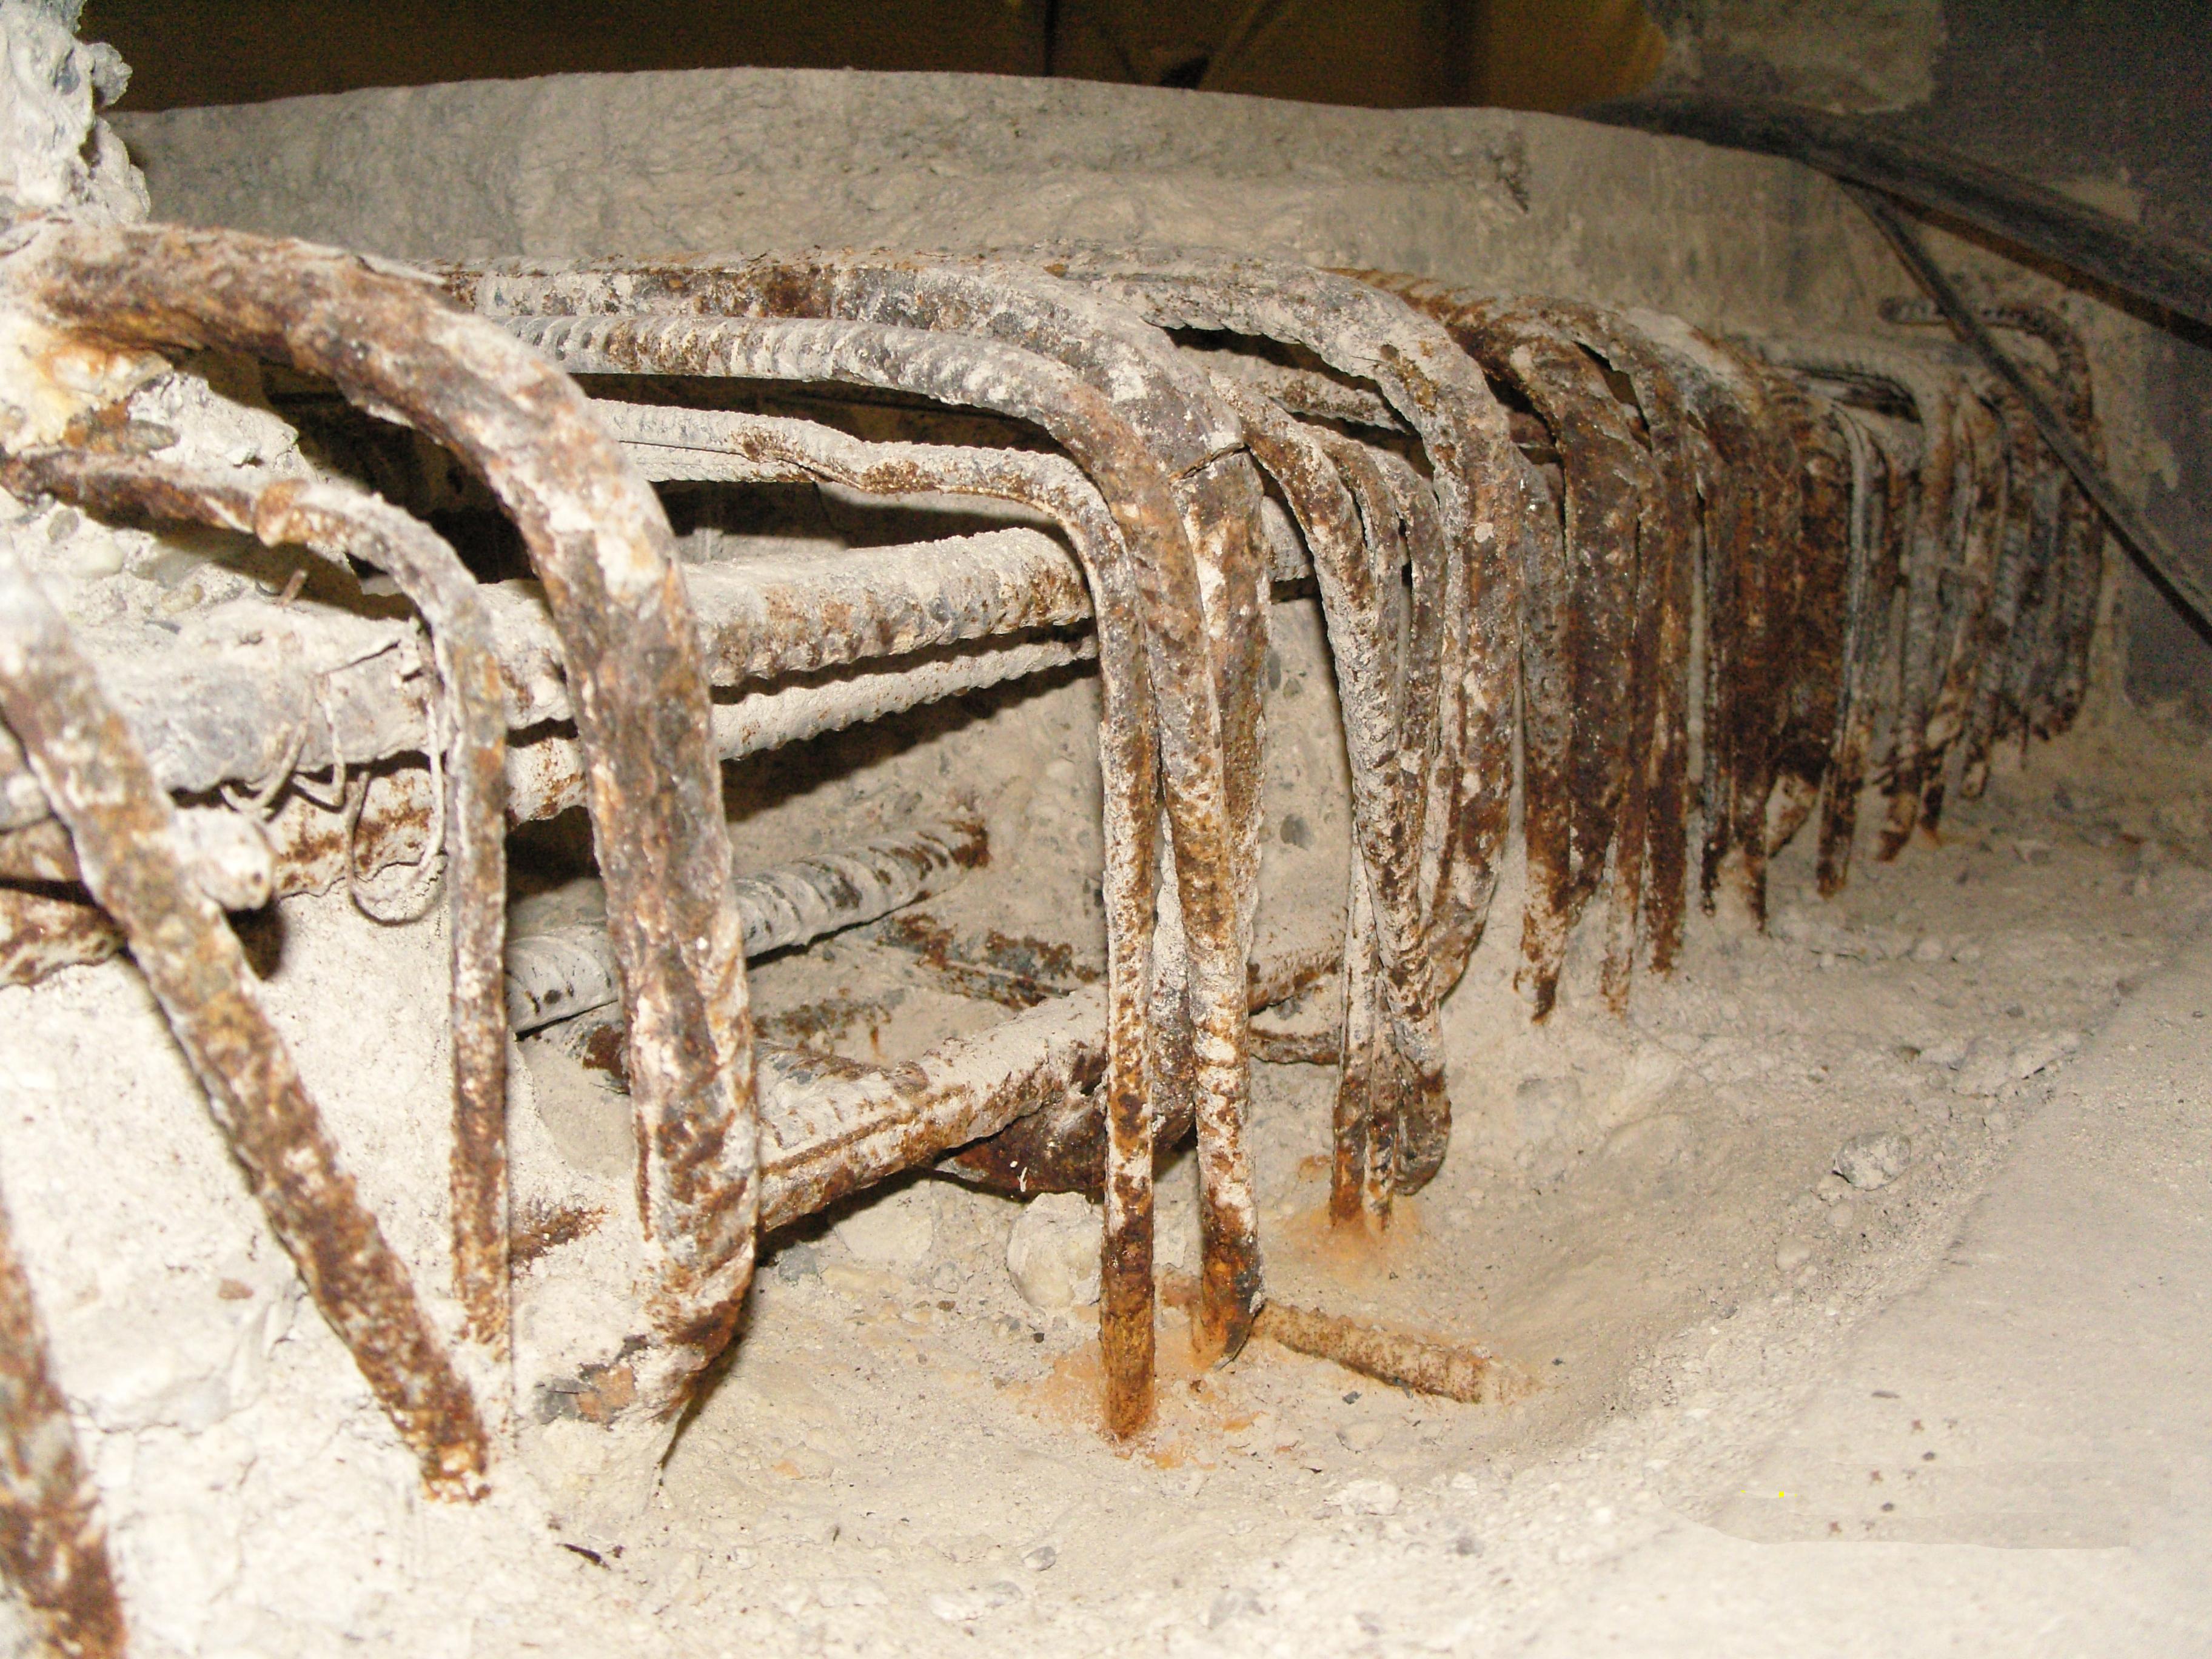 Freigelegte Bodenplattenbewehrung in einer Tiefgarage